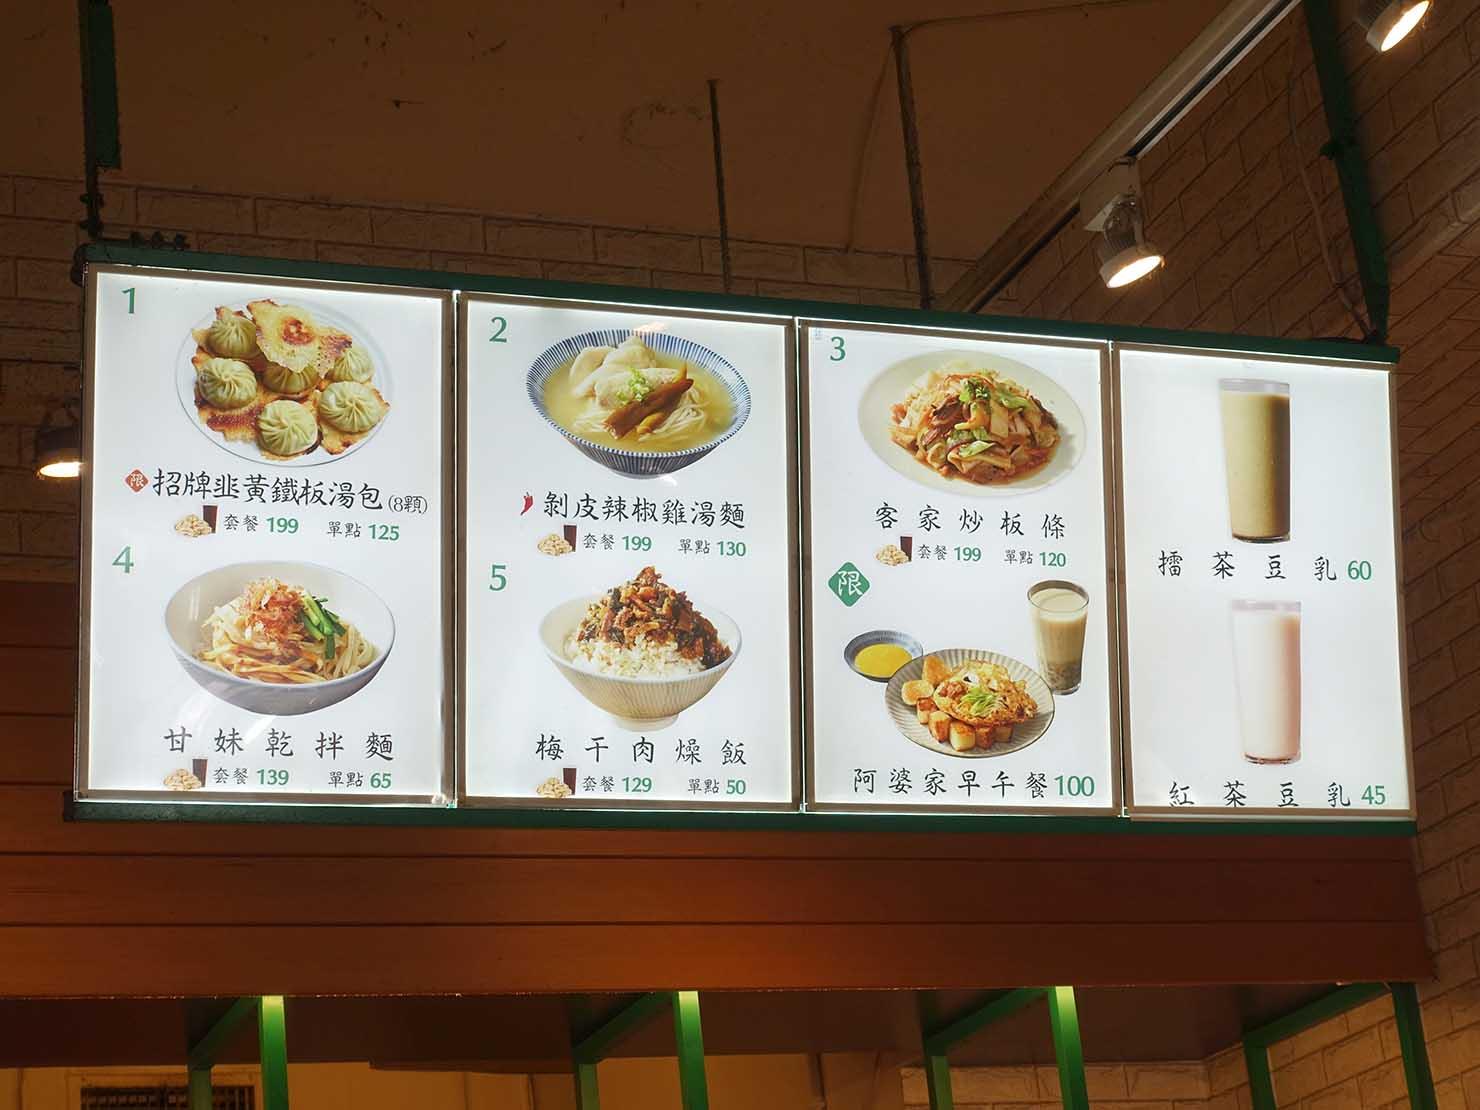 台北・忠孝復興駅(東區)のおすすめグルメ店「甘妹弄堂」のメニュー